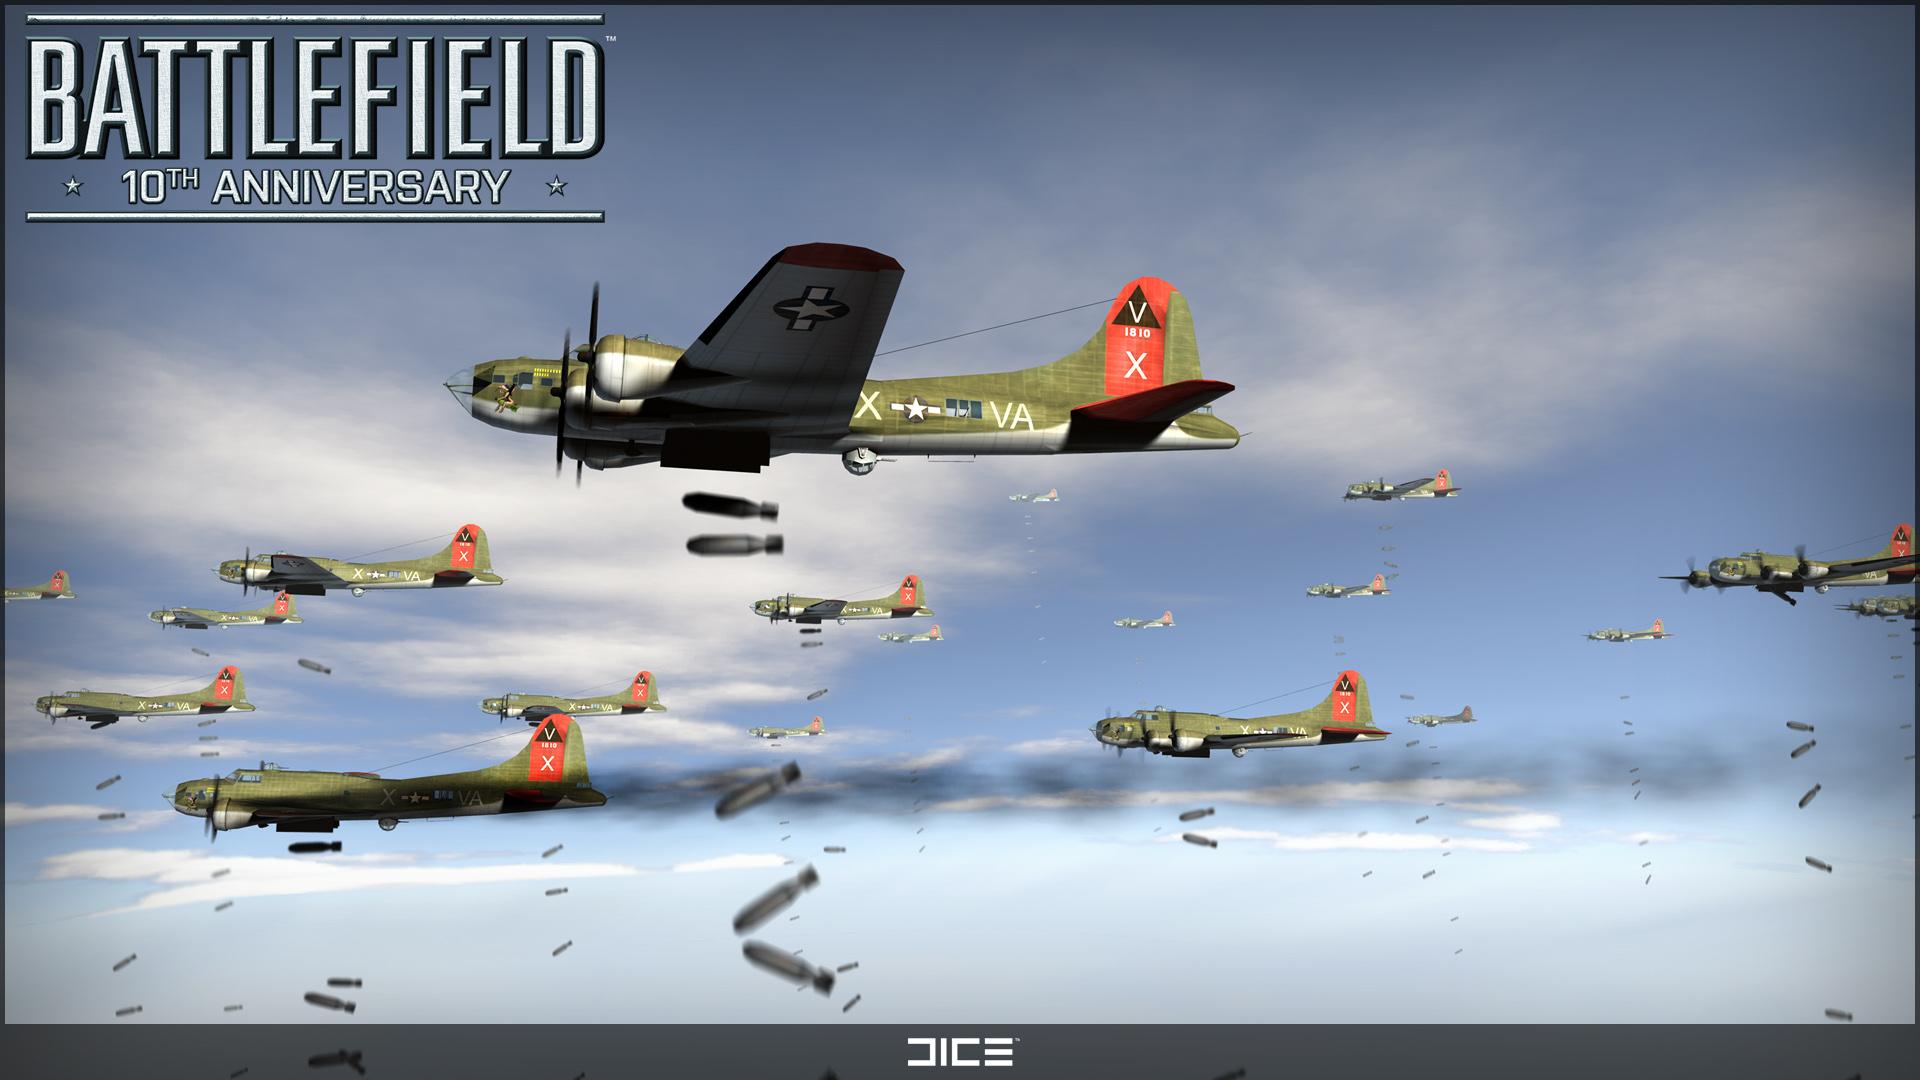 Battlefield cumple 10 años [CEEELEBREEEICHON]